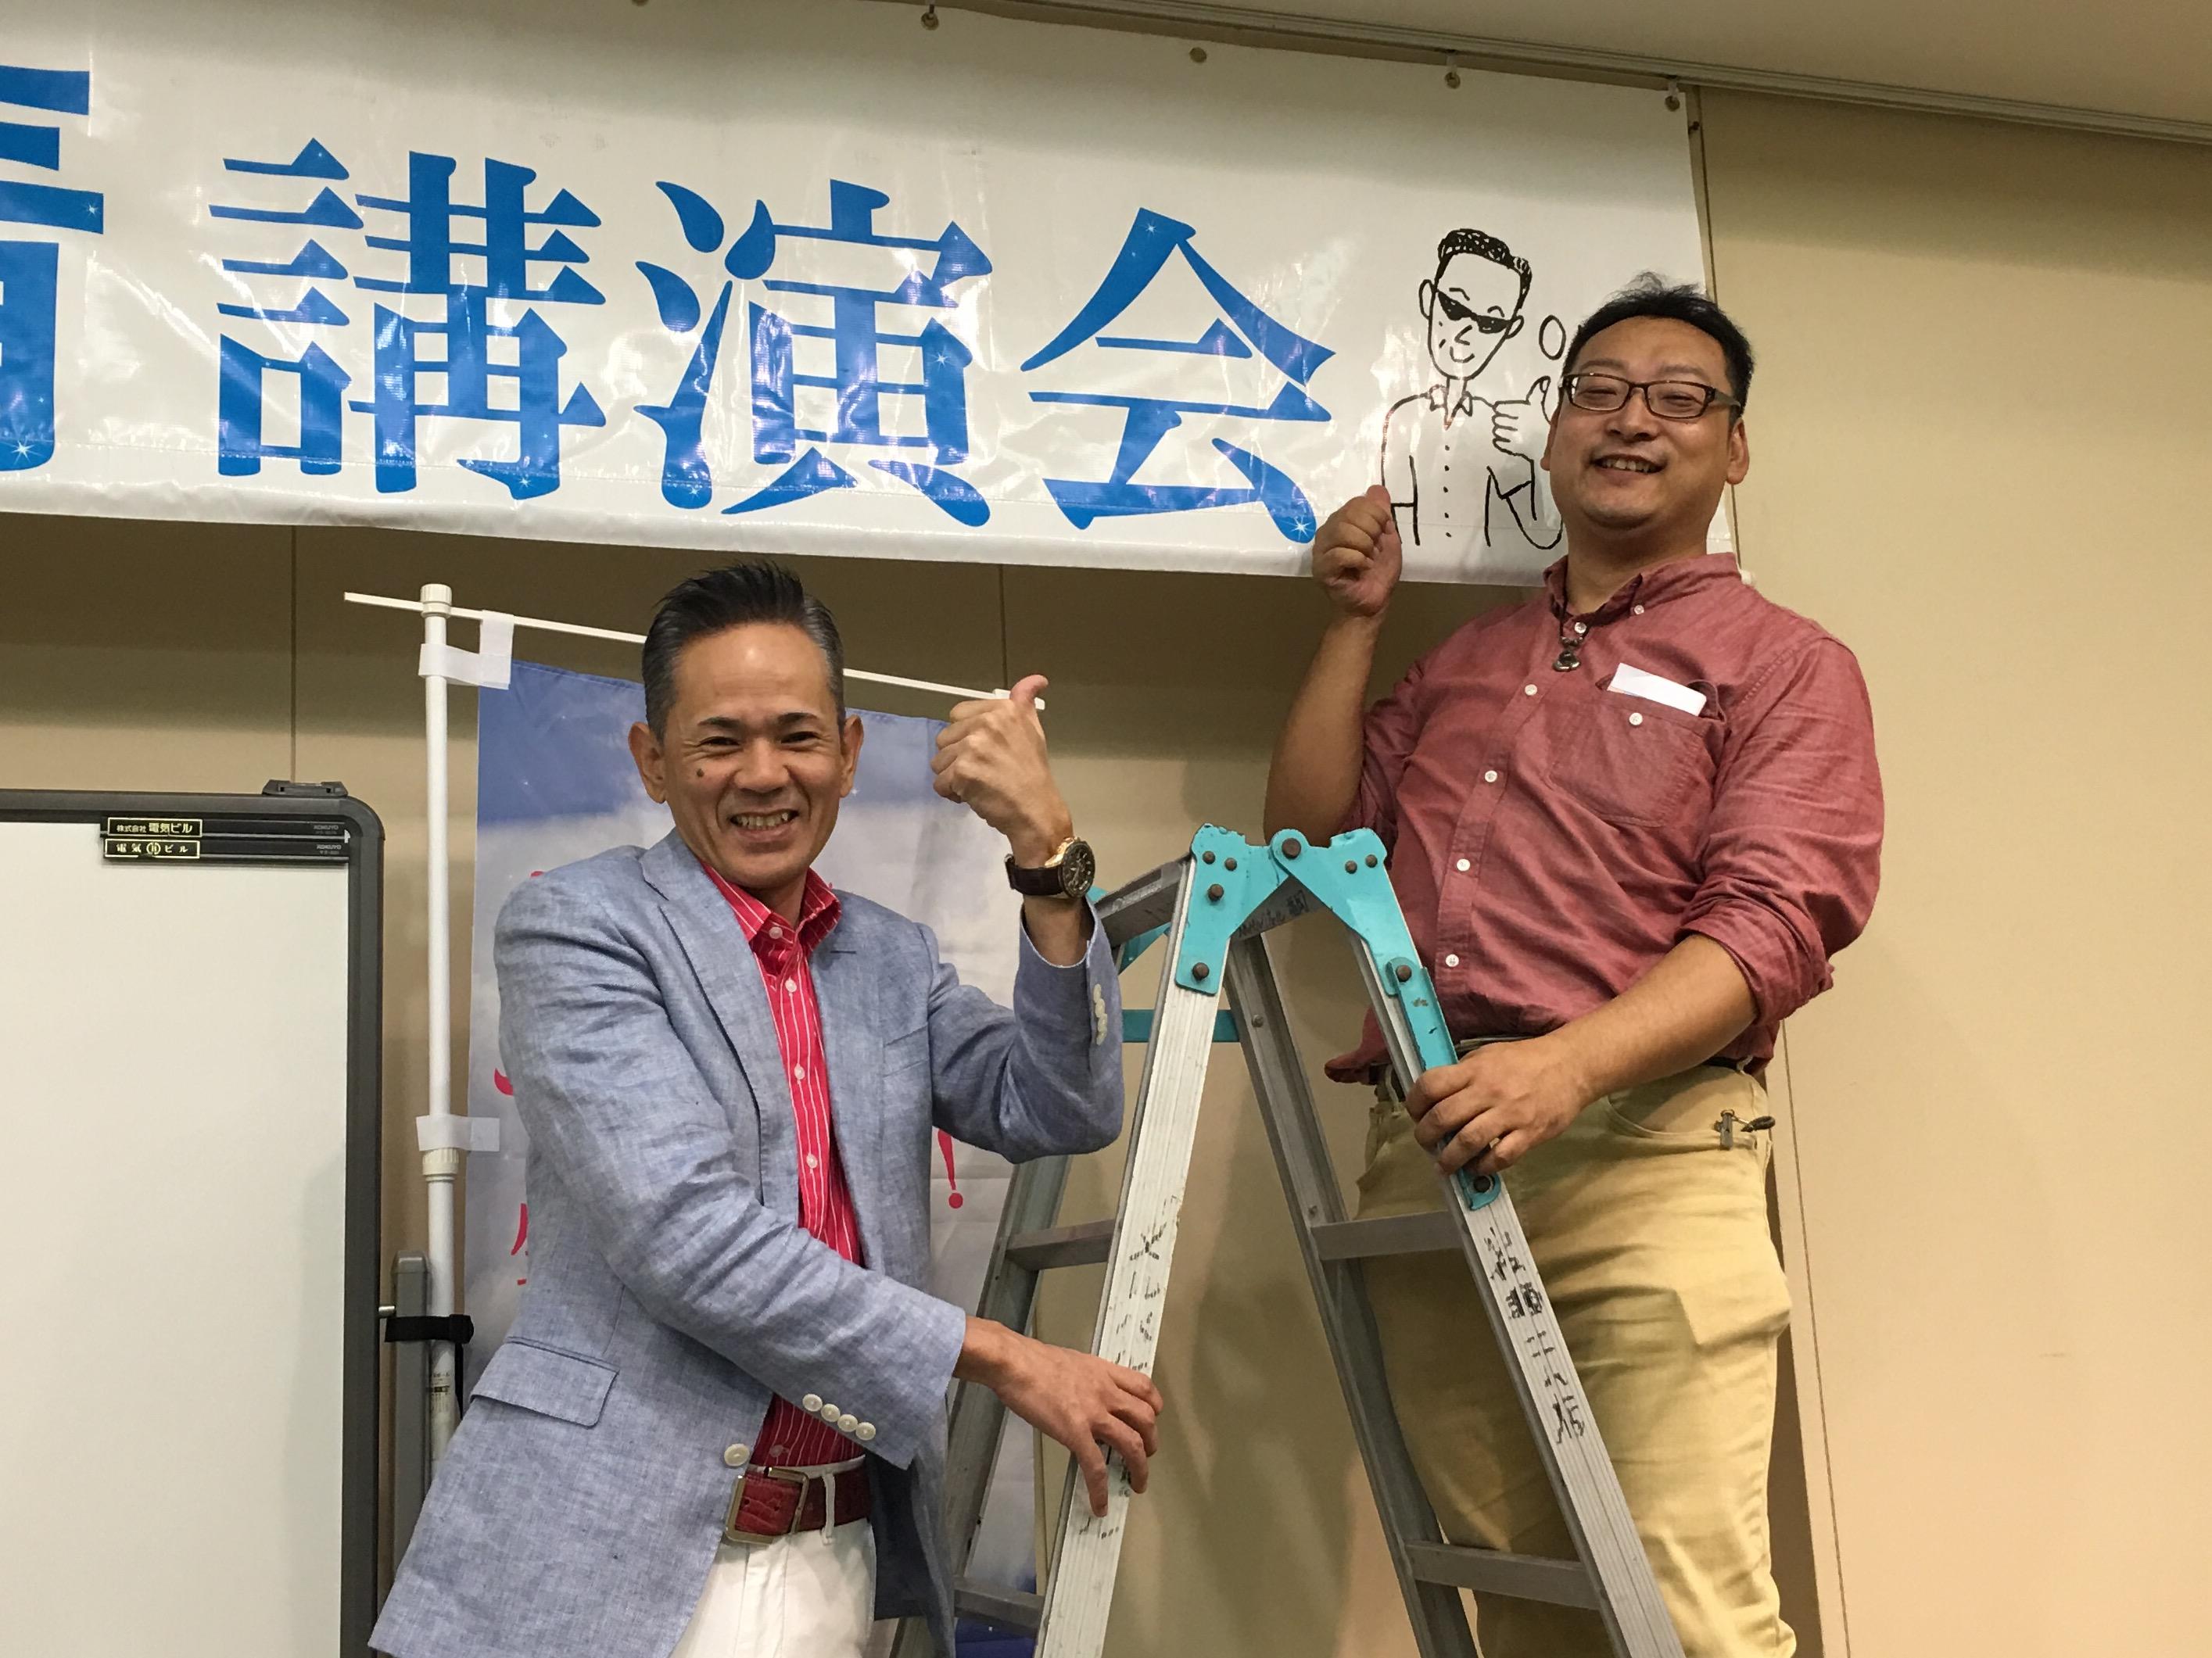 有り難いことに 講演会は、たくさんのサポートスタッフが手伝ってくれますが、 東京セミナーを受講している 武ちゃんと先生、講演会の横断幕準備しています。